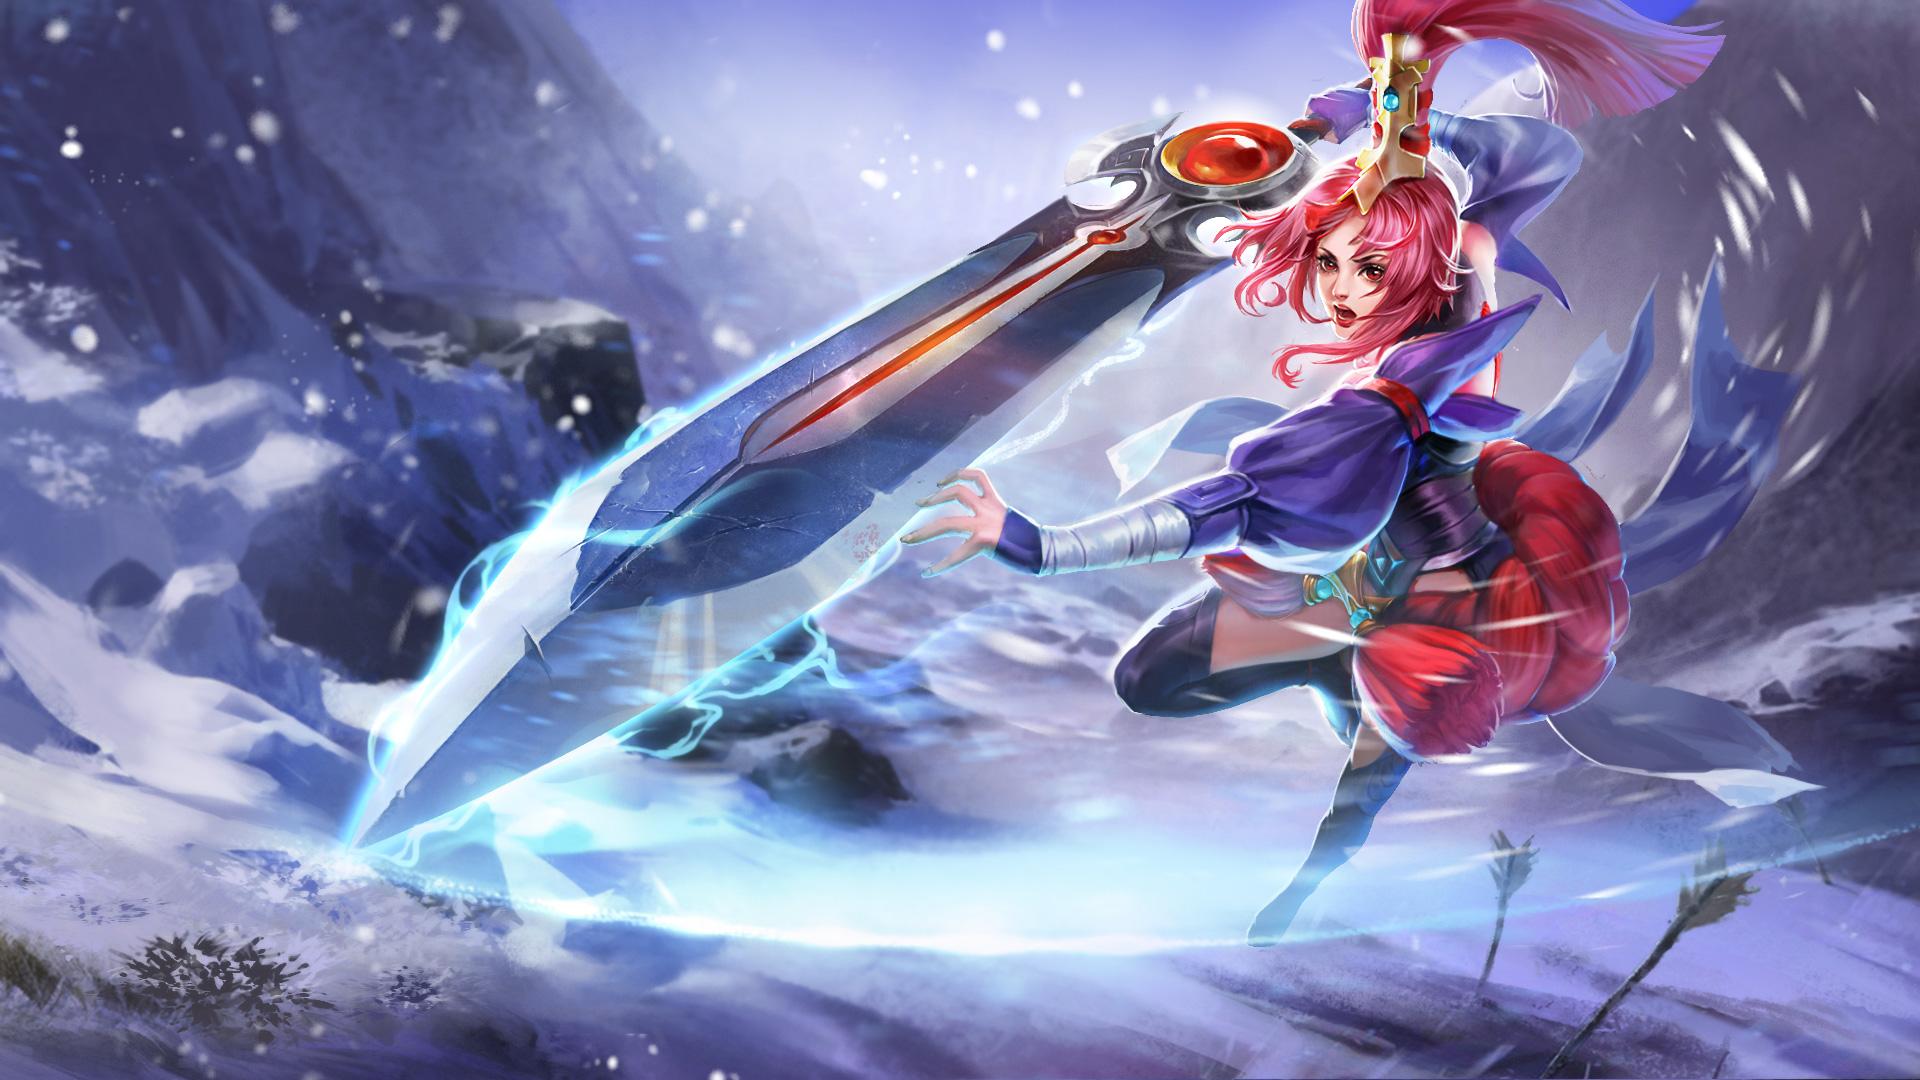 第1弹《王者荣耀英雄皮肤CG》竞技游戏185